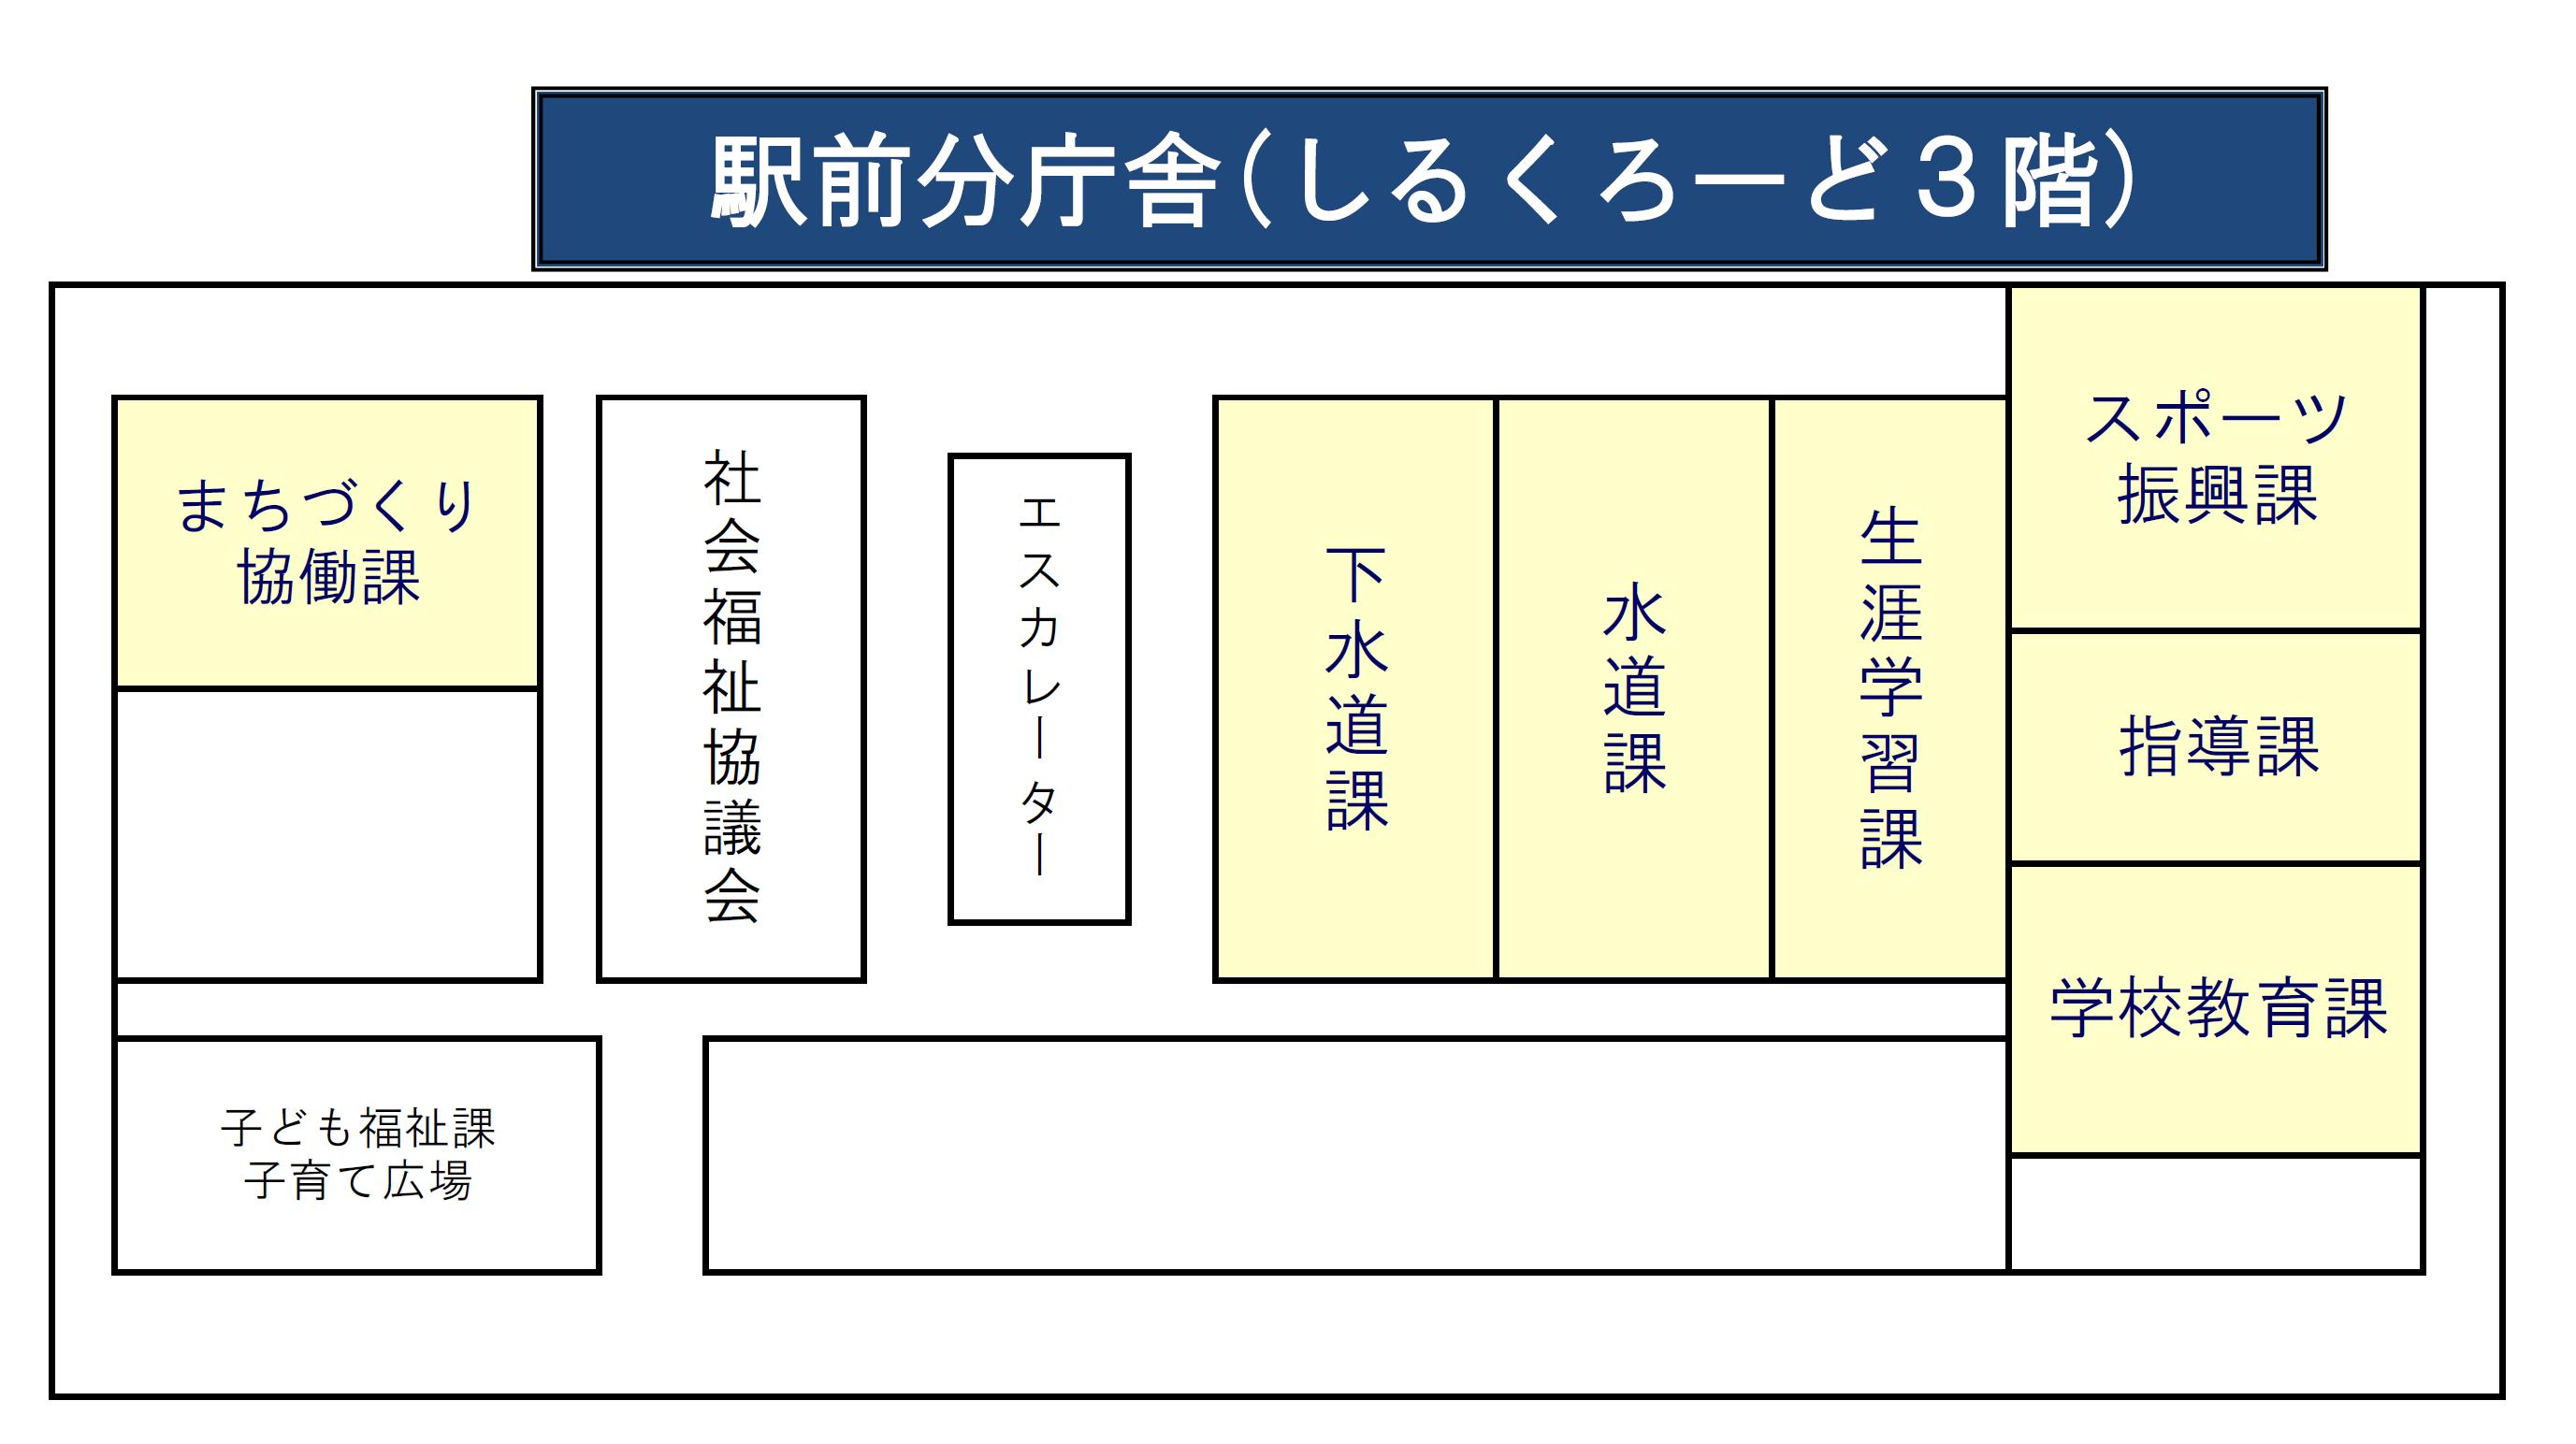 駅前分庁舎配置図(R2.4.1)